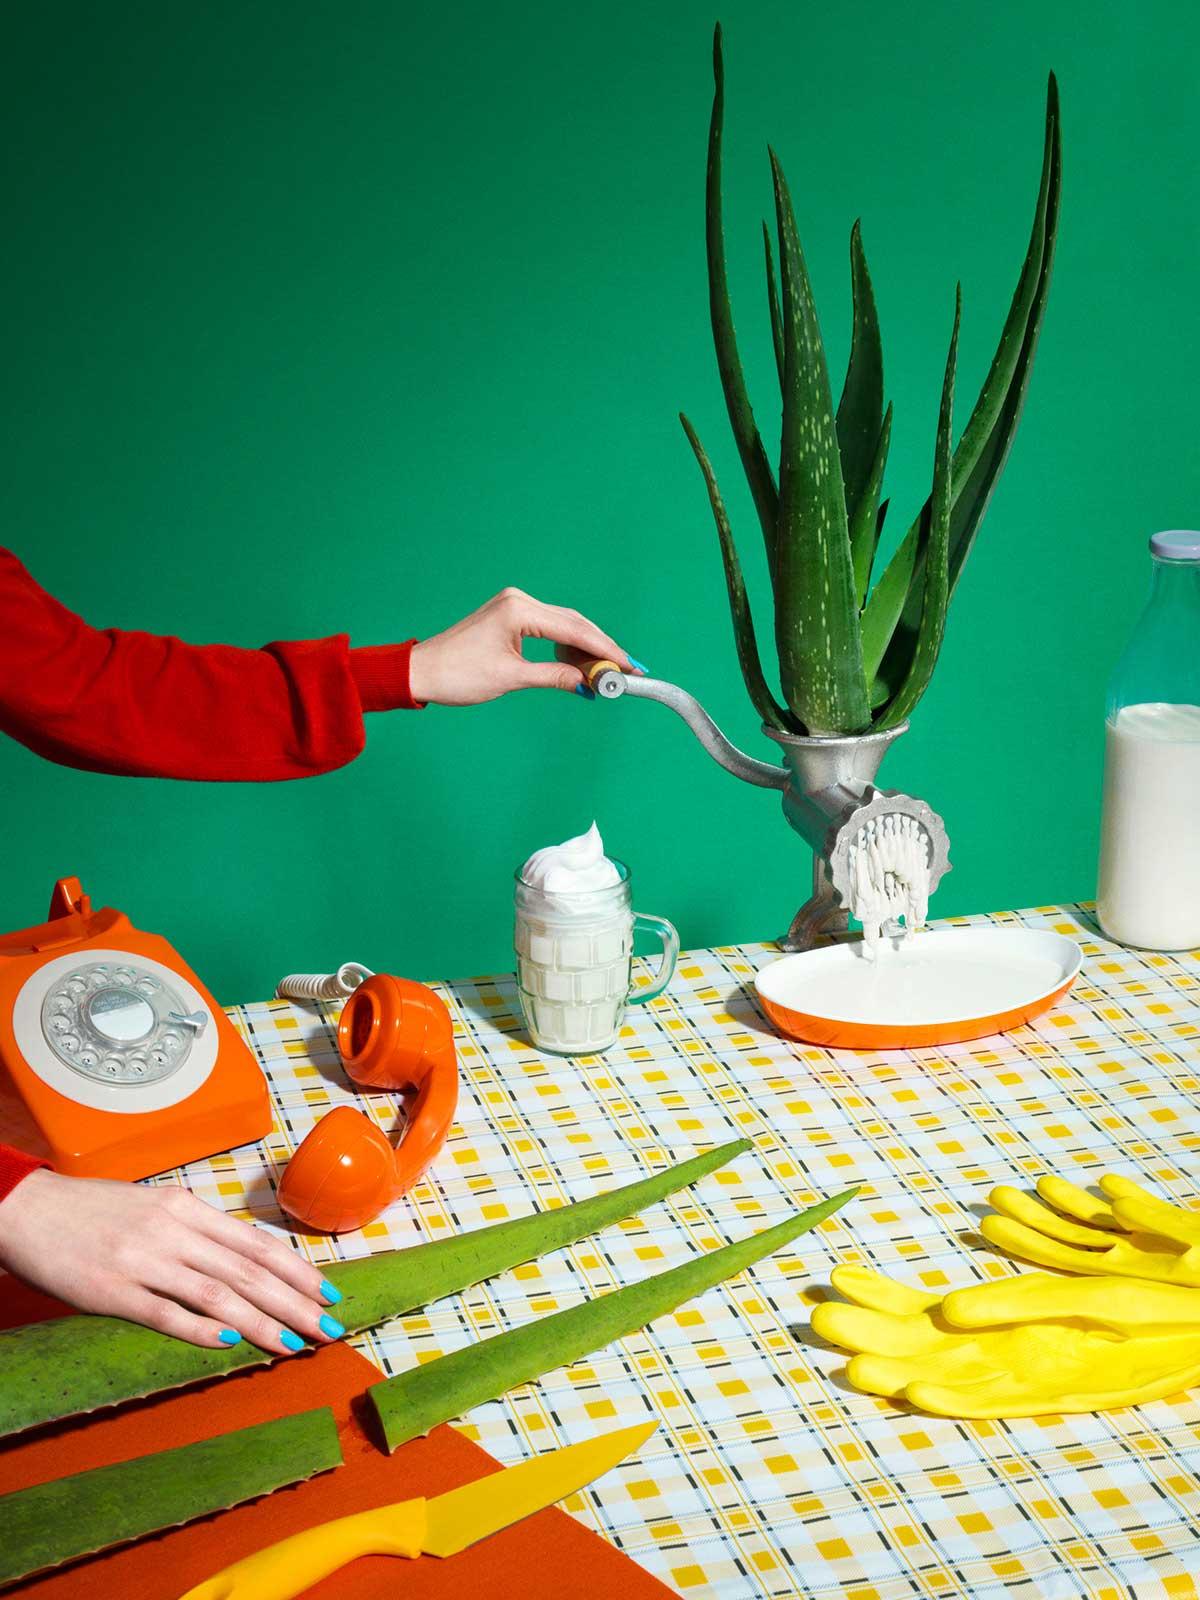 Mesa con maceta, envase de leche, teléfono y guantes.